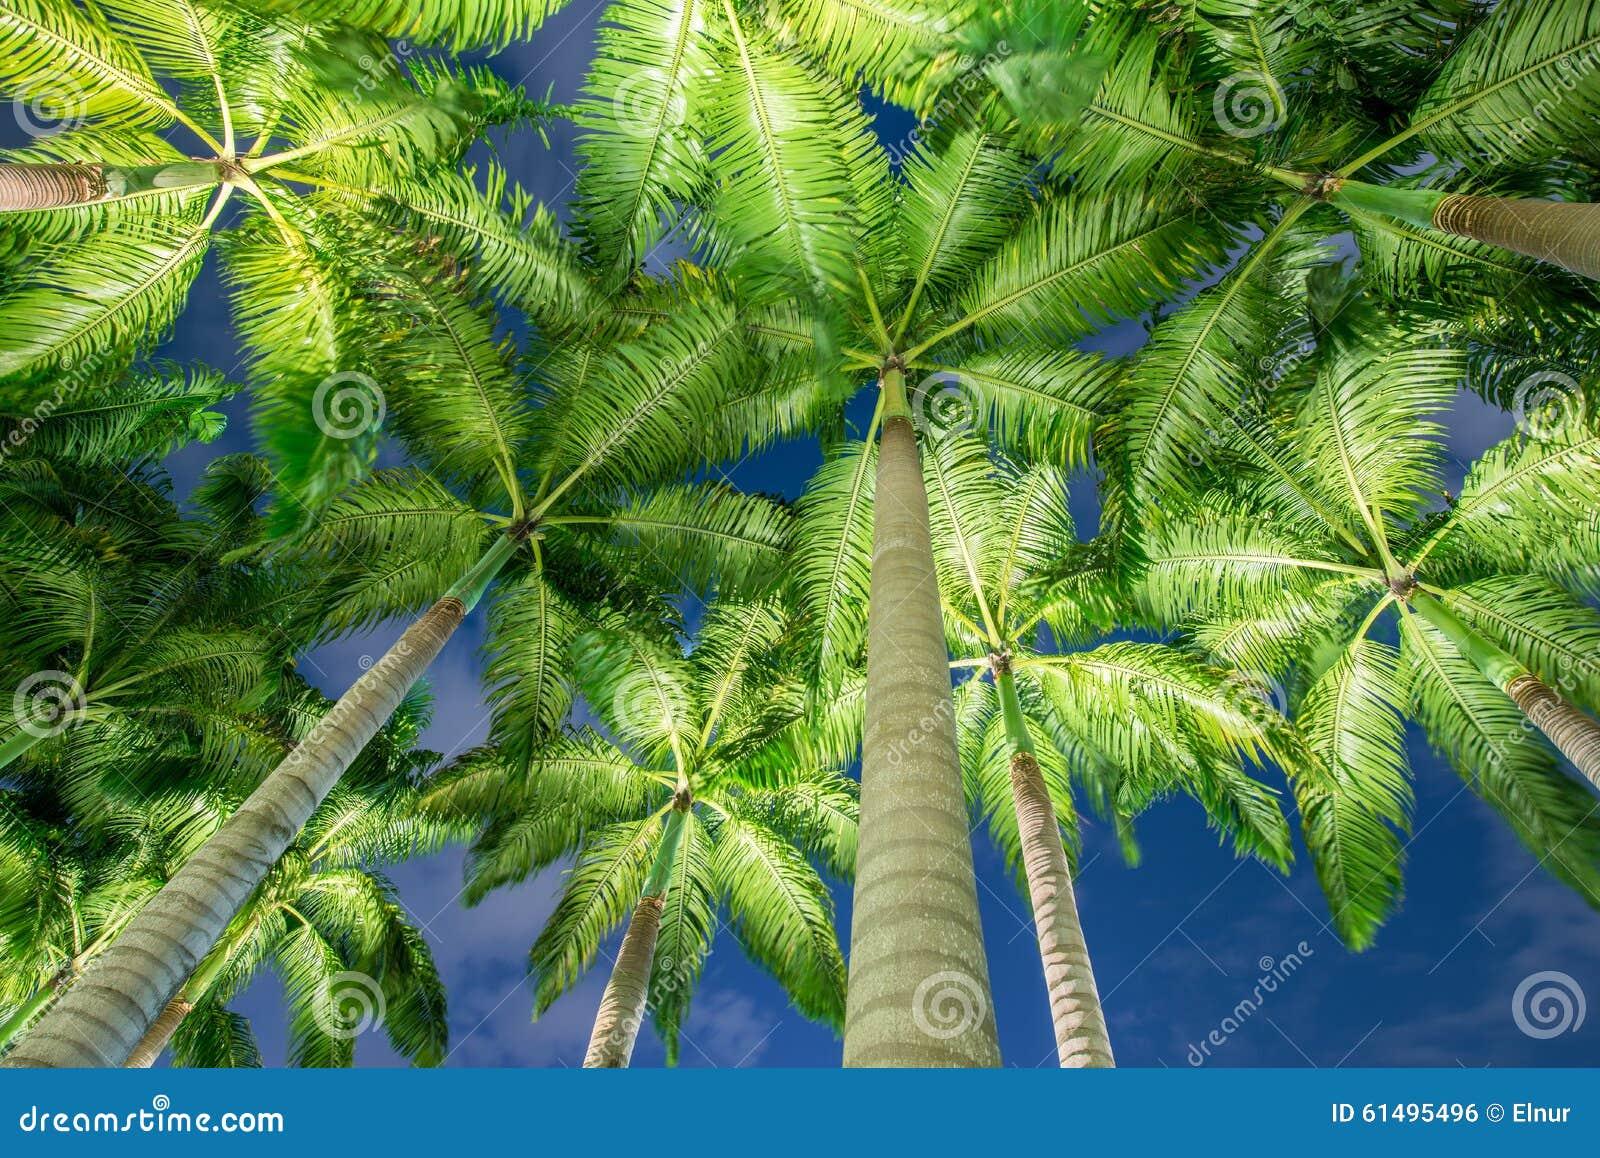 Les palmiers pendant les heures de coucher du soleil photo stock image du c te outdoors 61495496 - Heures coucher du soleil ...